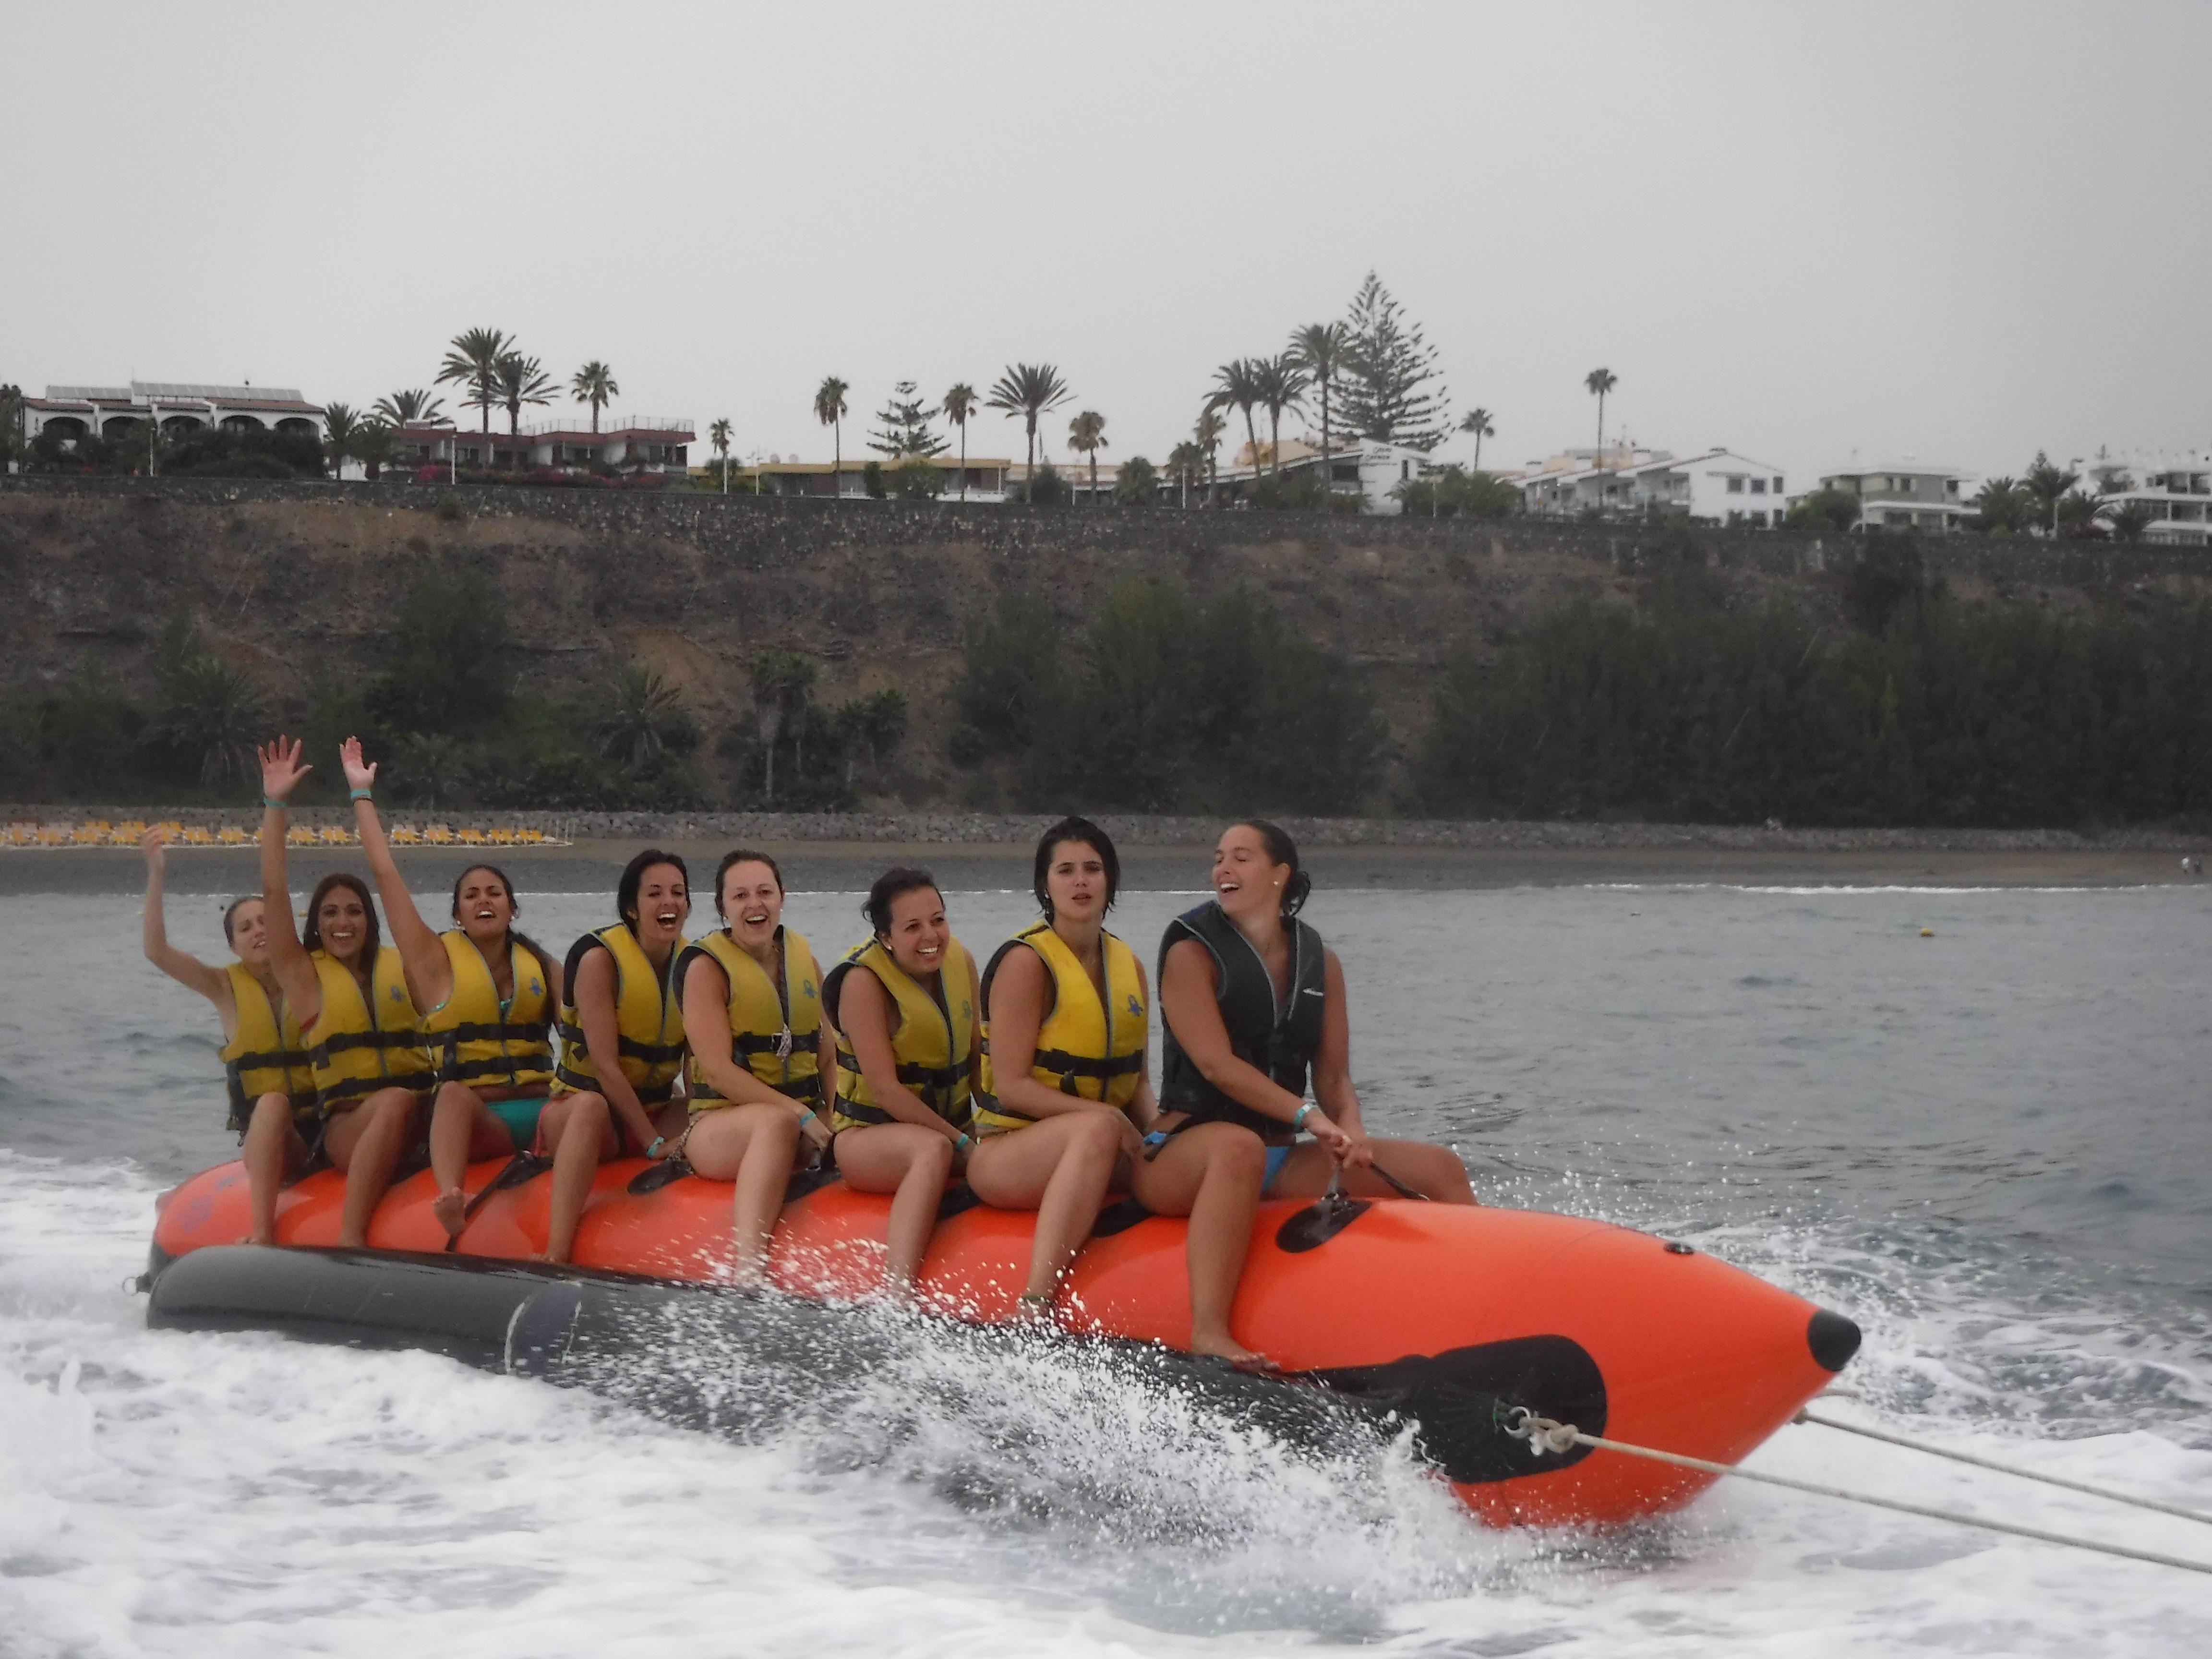 Banana Boat Ride in Playa del Ingles - Watersports in Playa del Ingles